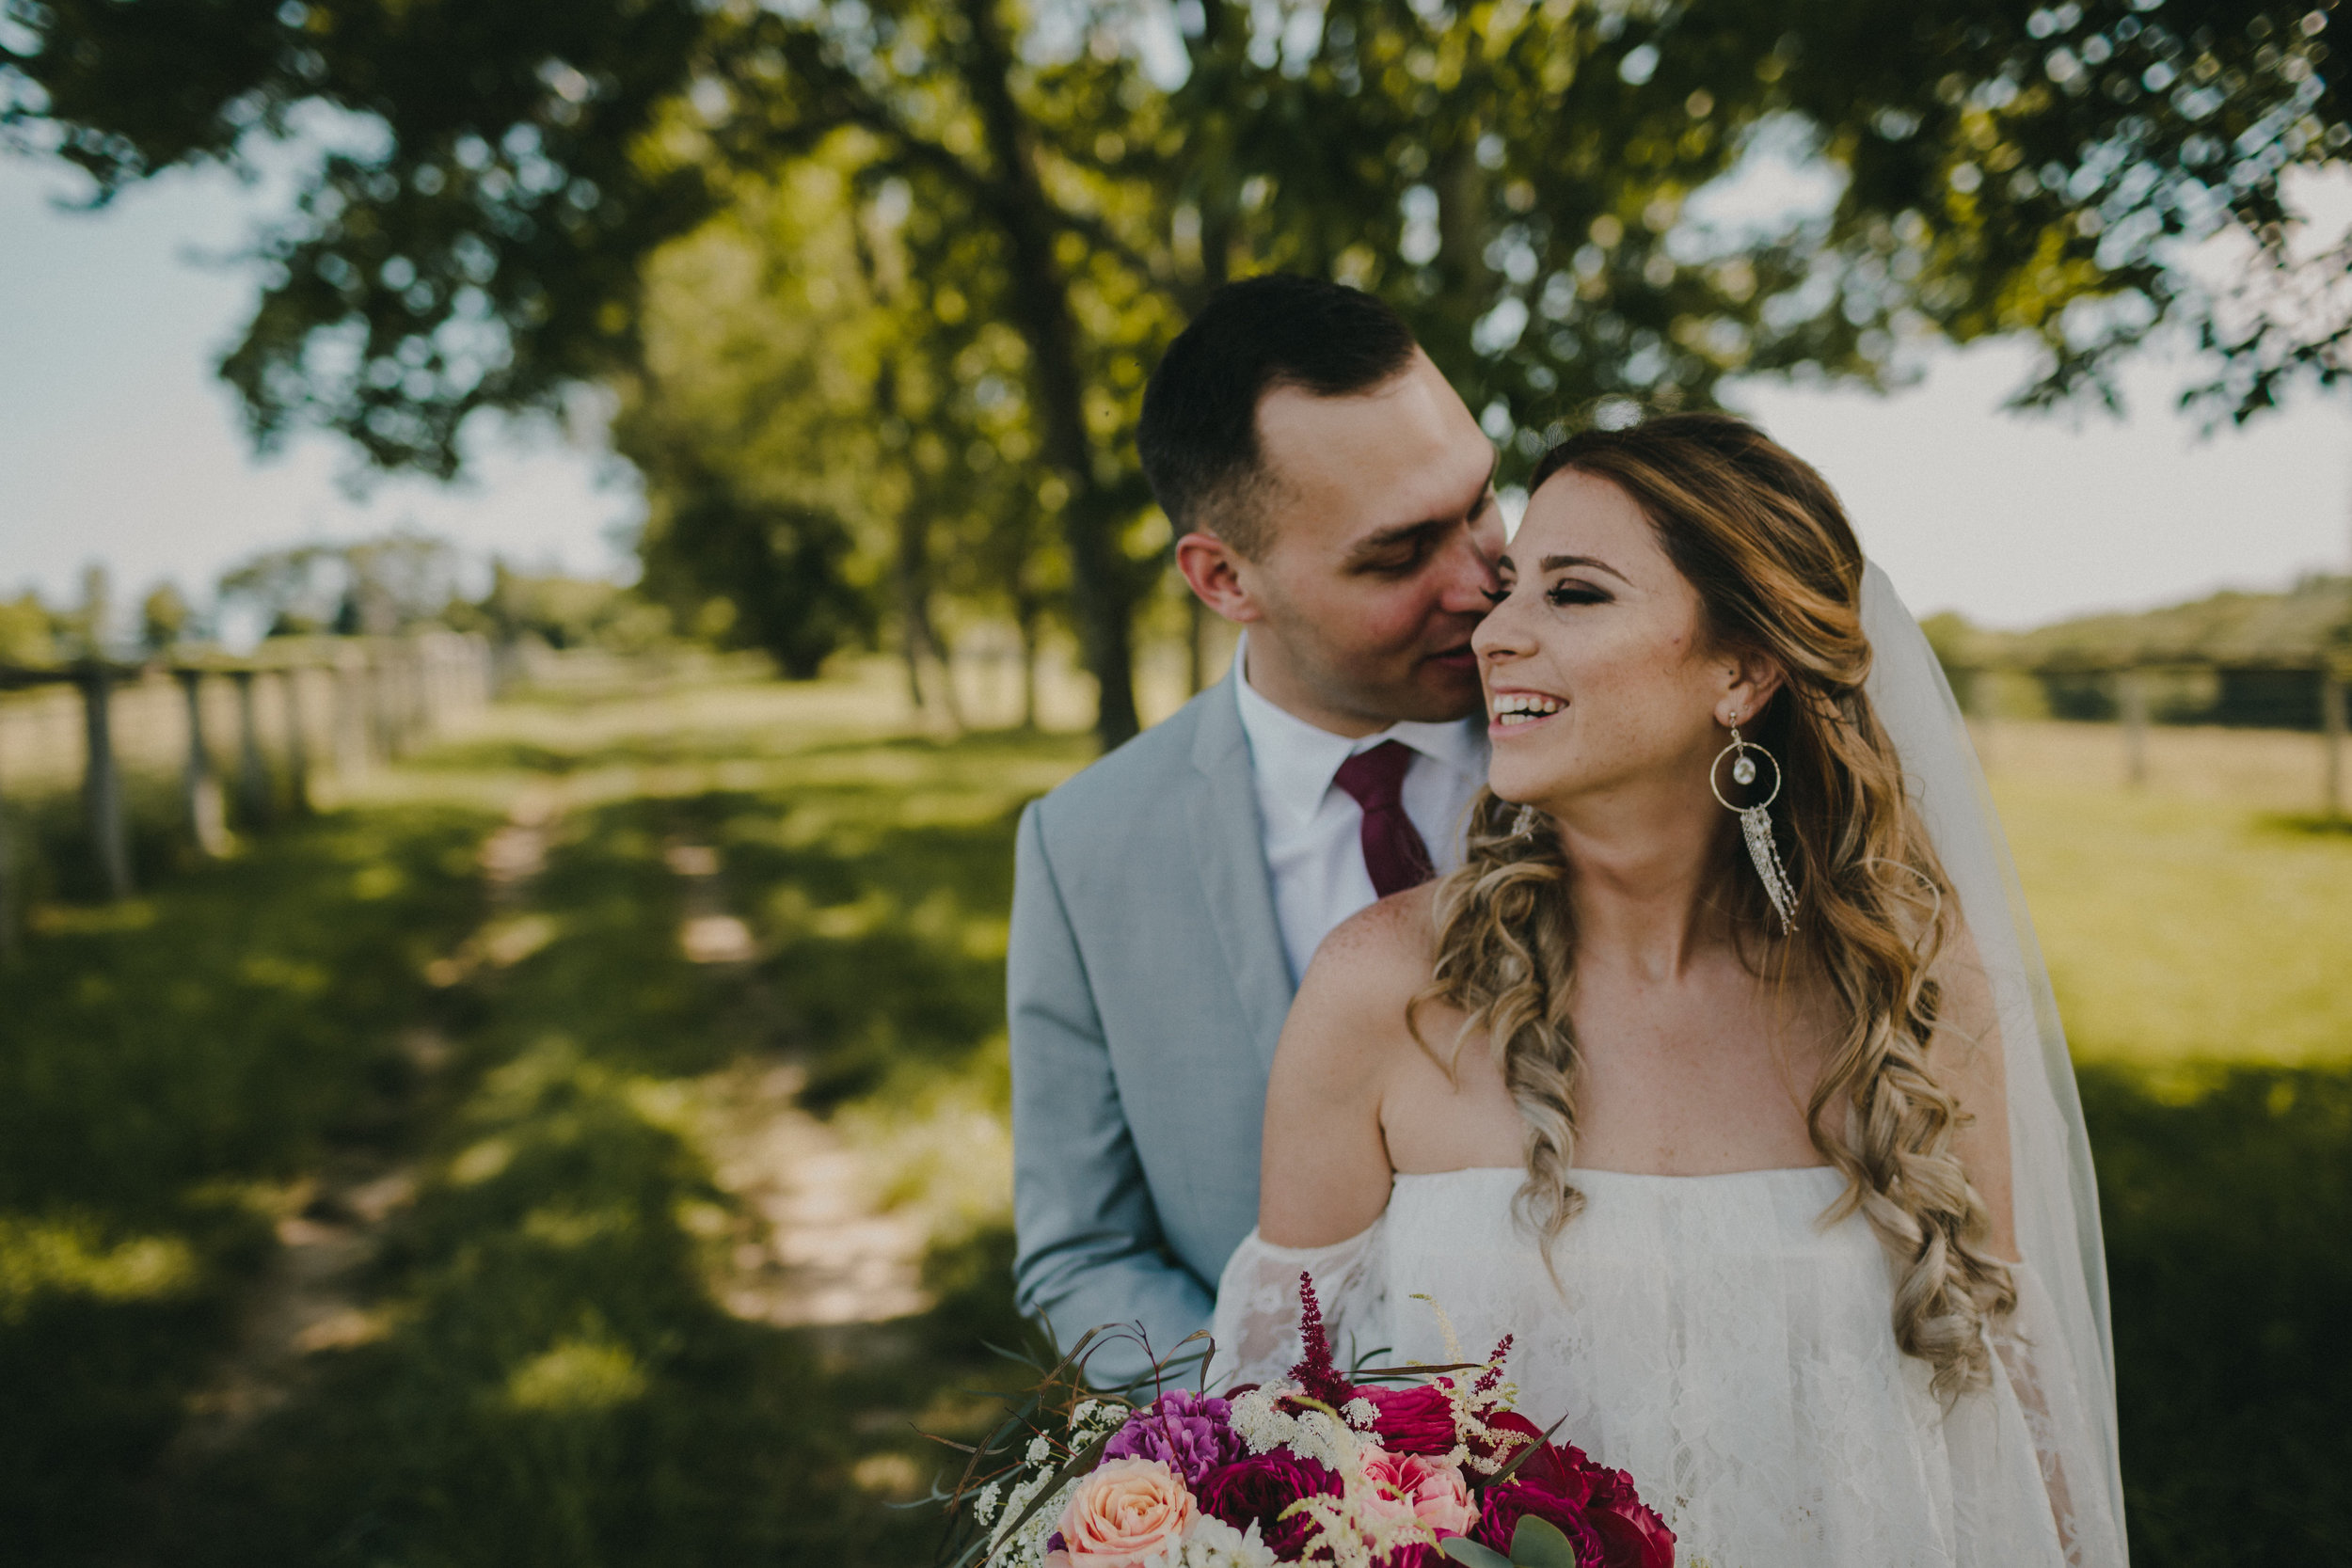 437-20180616-Amanda_Brett_Catskills_Summer_Boho_Wedding.jpg